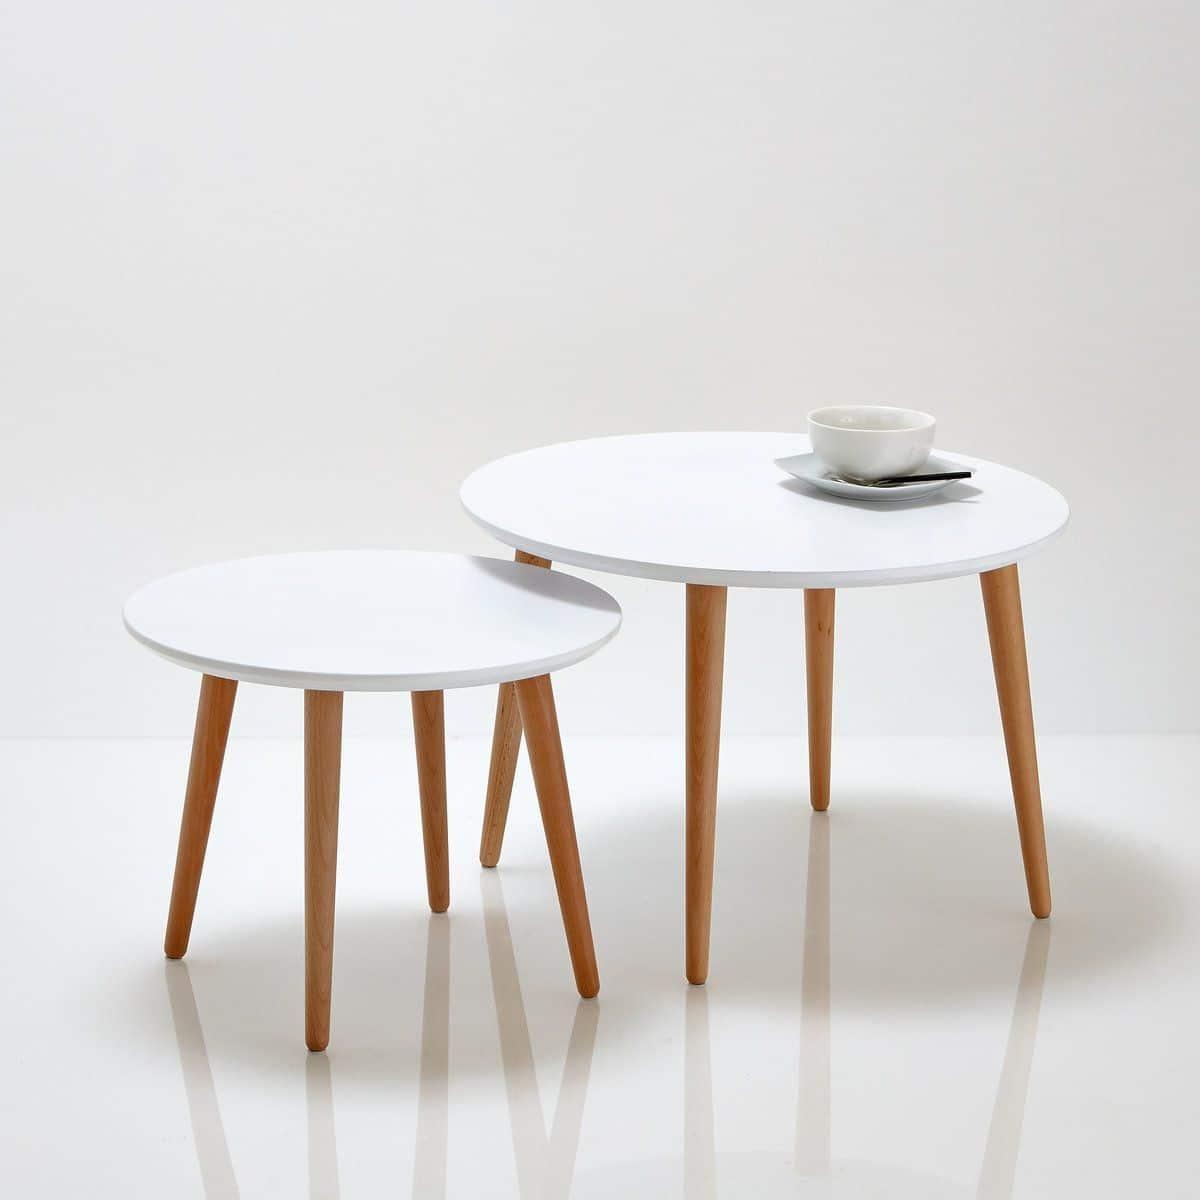 table basse scandinave 33 mod les d 39 inspiration nordique. Black Bedroom Furniture Sets. Home Design Ideas